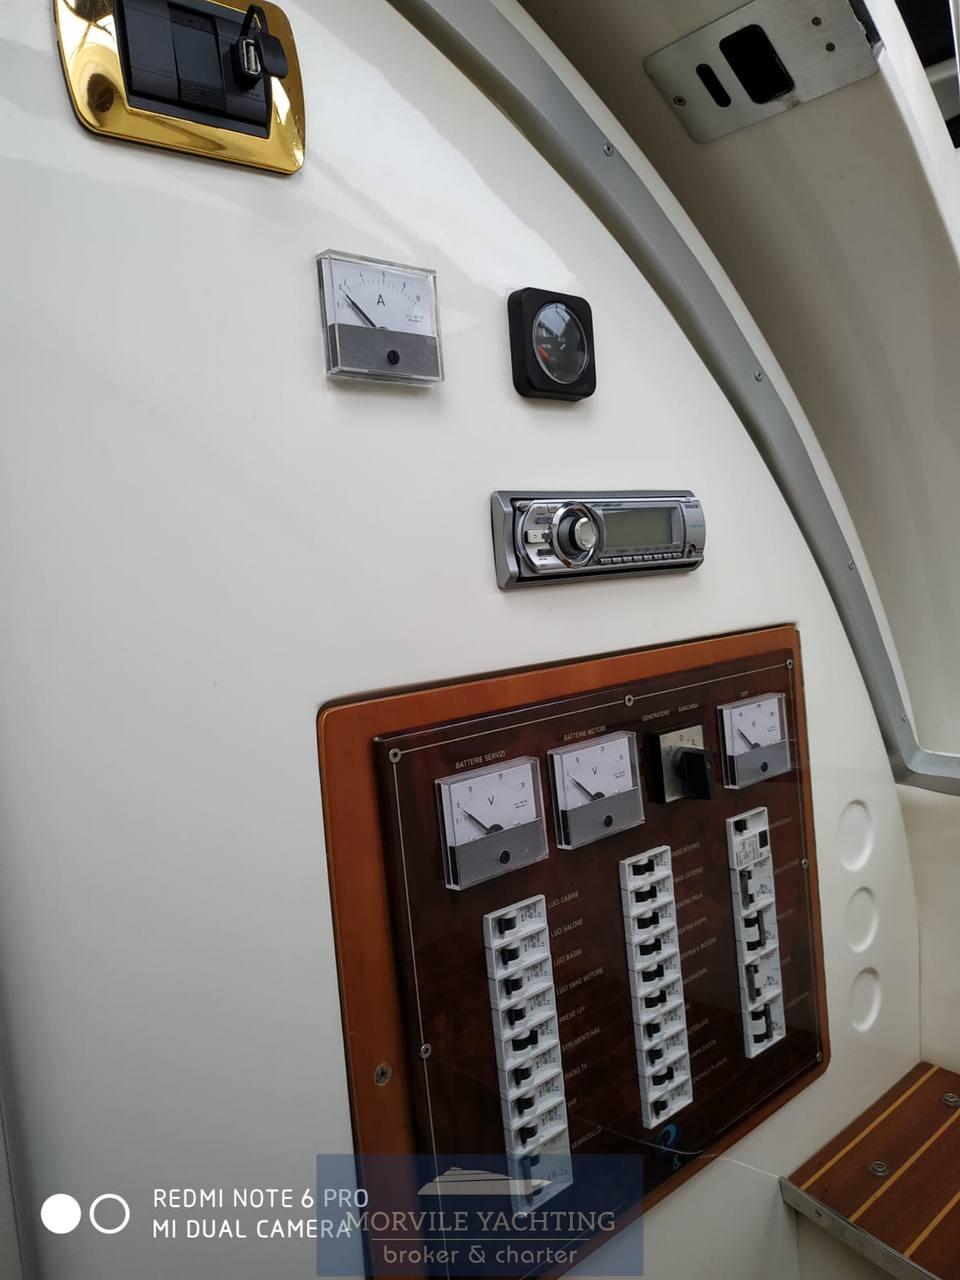 INNOVAZIONE E PROGETTI Mira 34 Express cruiser used